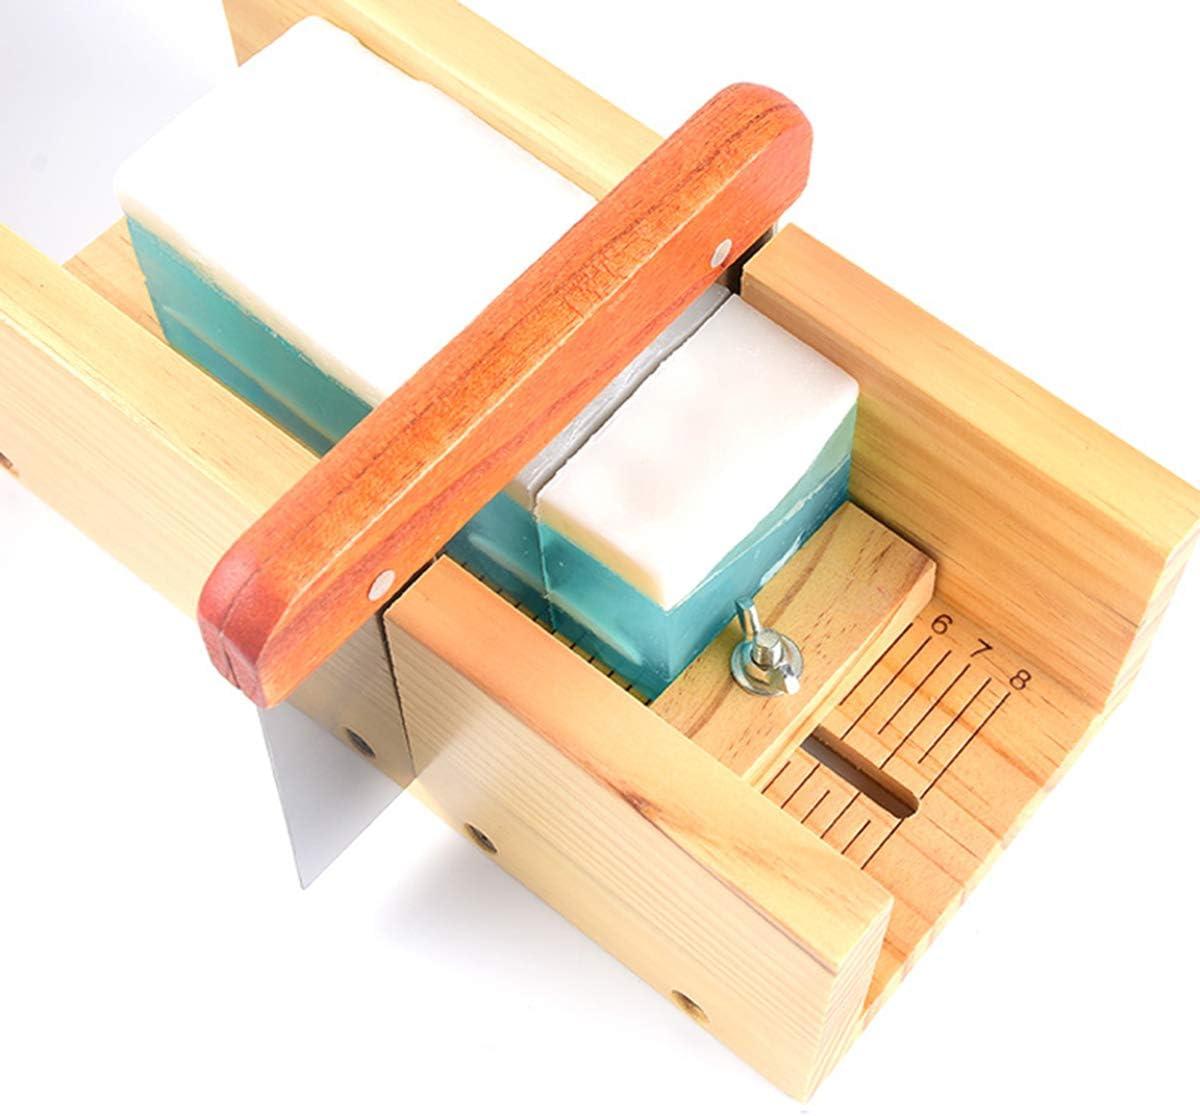 2 piezas de molde de silicona rectangular de diferentes tama/ños y 1 pieza de cortador recto y cortador de ondas de acero inoxidable AOFOX Juego de cortador y molde de madera para jab/ón